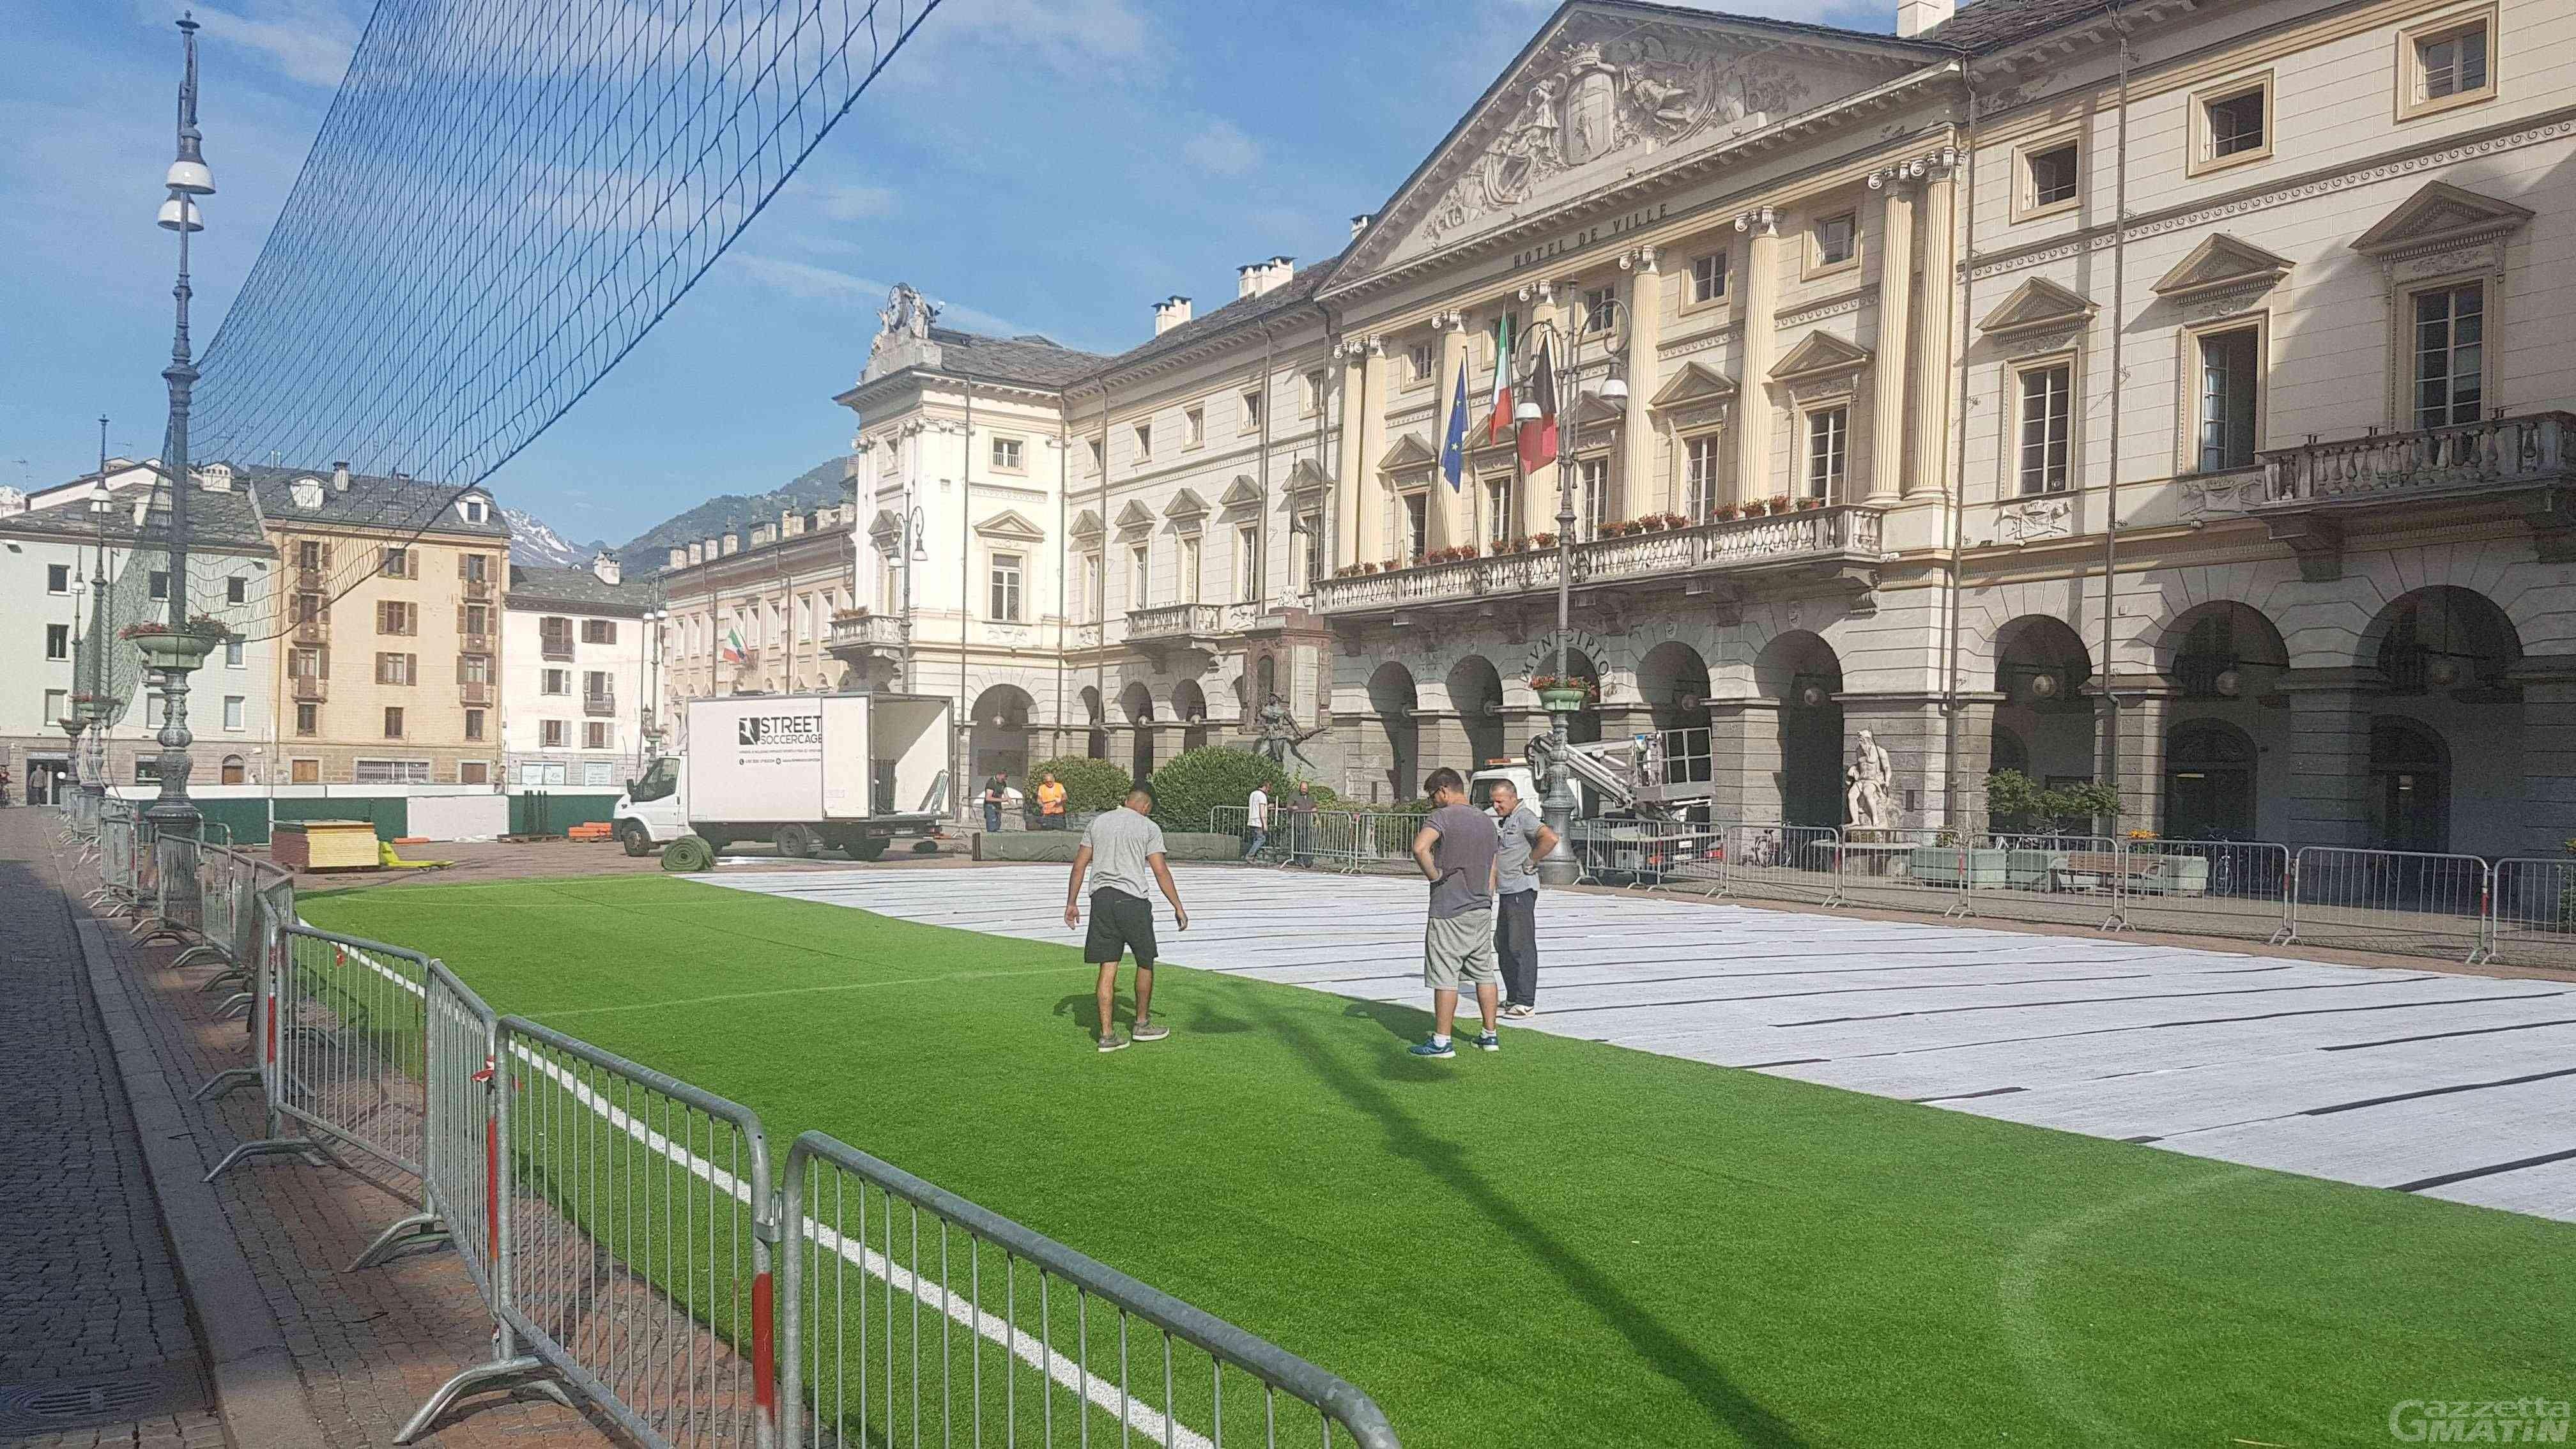 La Piazza Aosta: 45 squadre al via del Memorial Castelnuovo